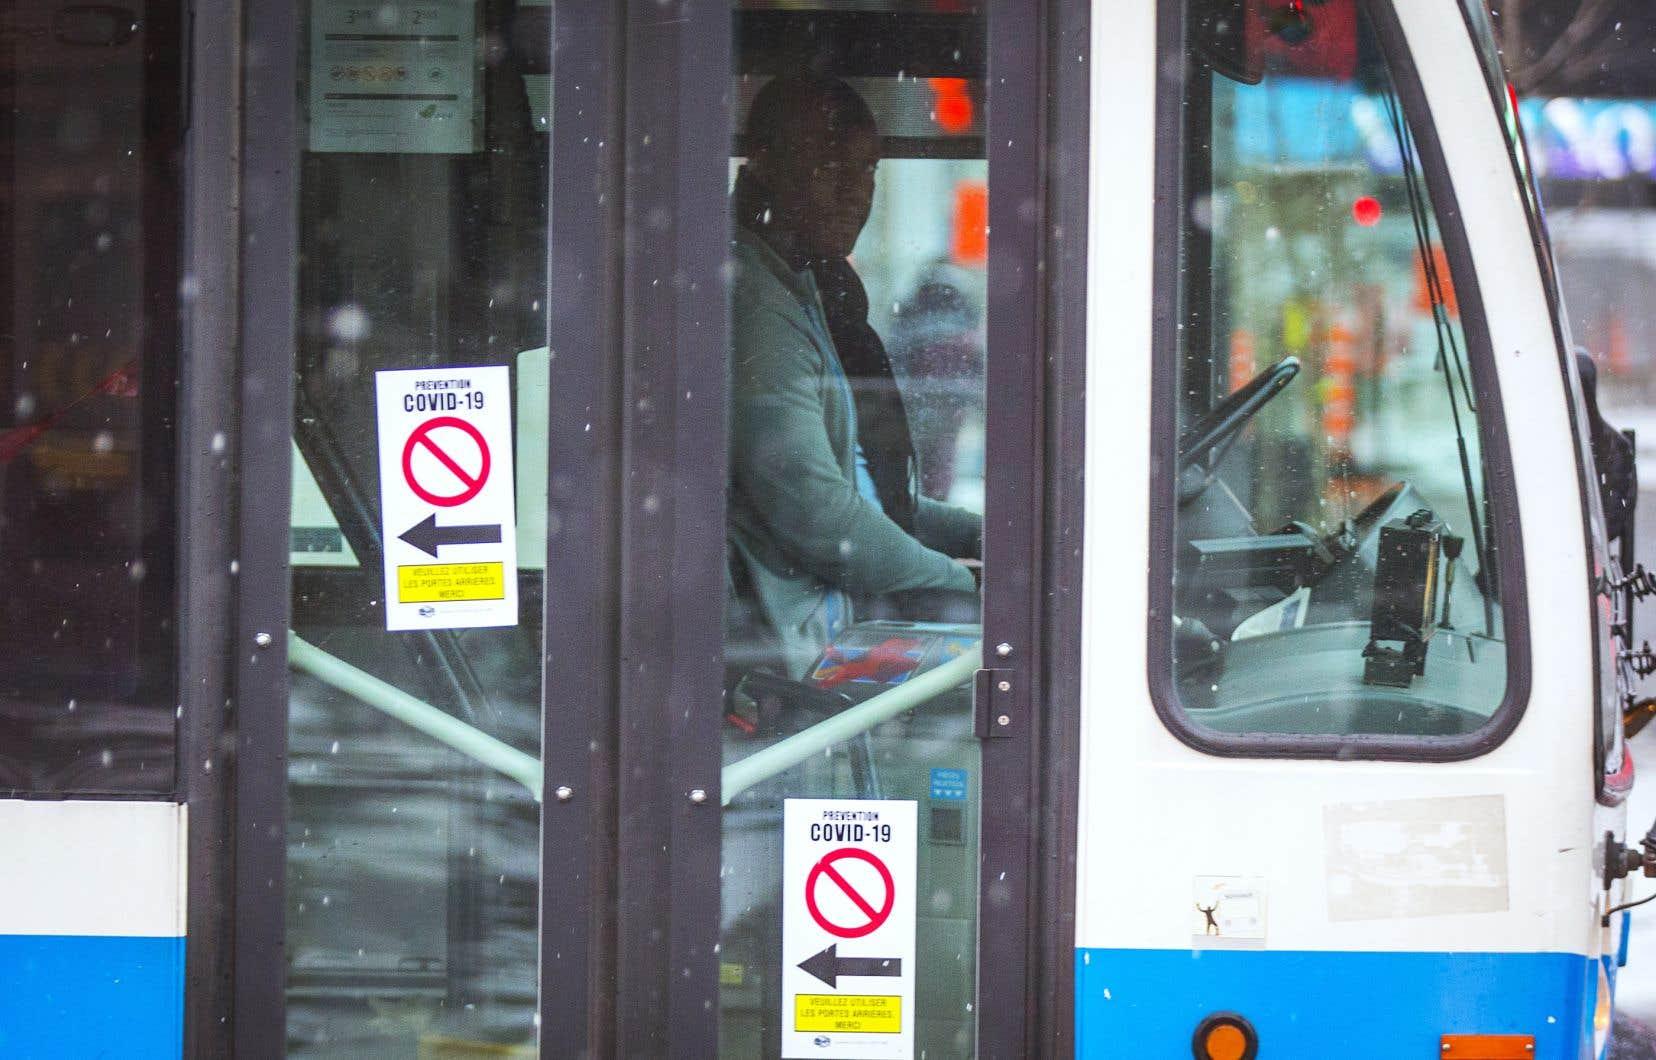 Dans les autobus de la Société de transports de Montréal, les passagers embarquent uniquement par la porte arrière afin de prévenir la propagation du coronavirus auprès des chauffeurs.